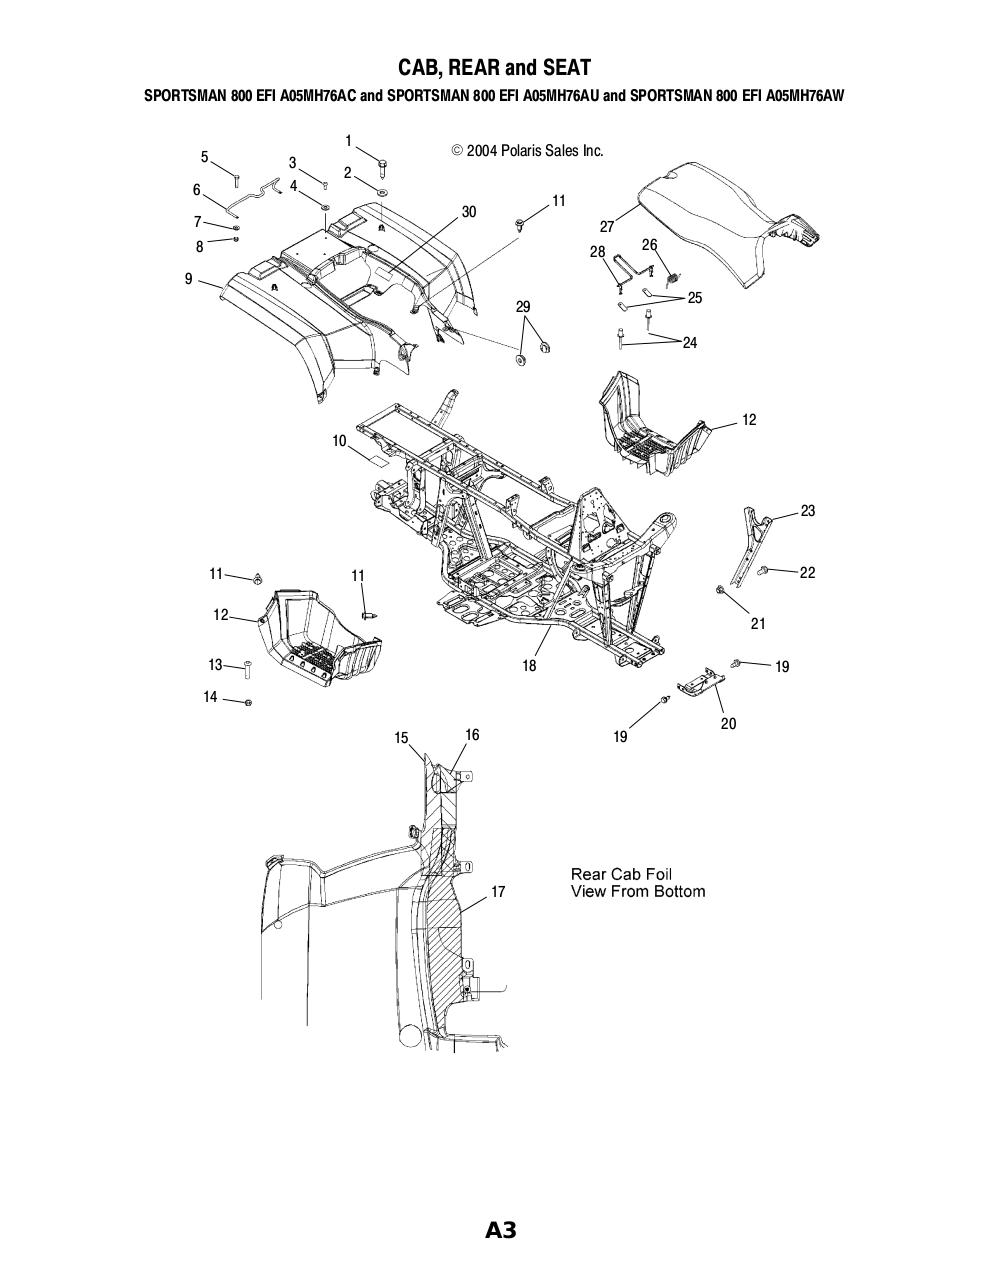 2013 polaris sportsman 800 wiring diagram